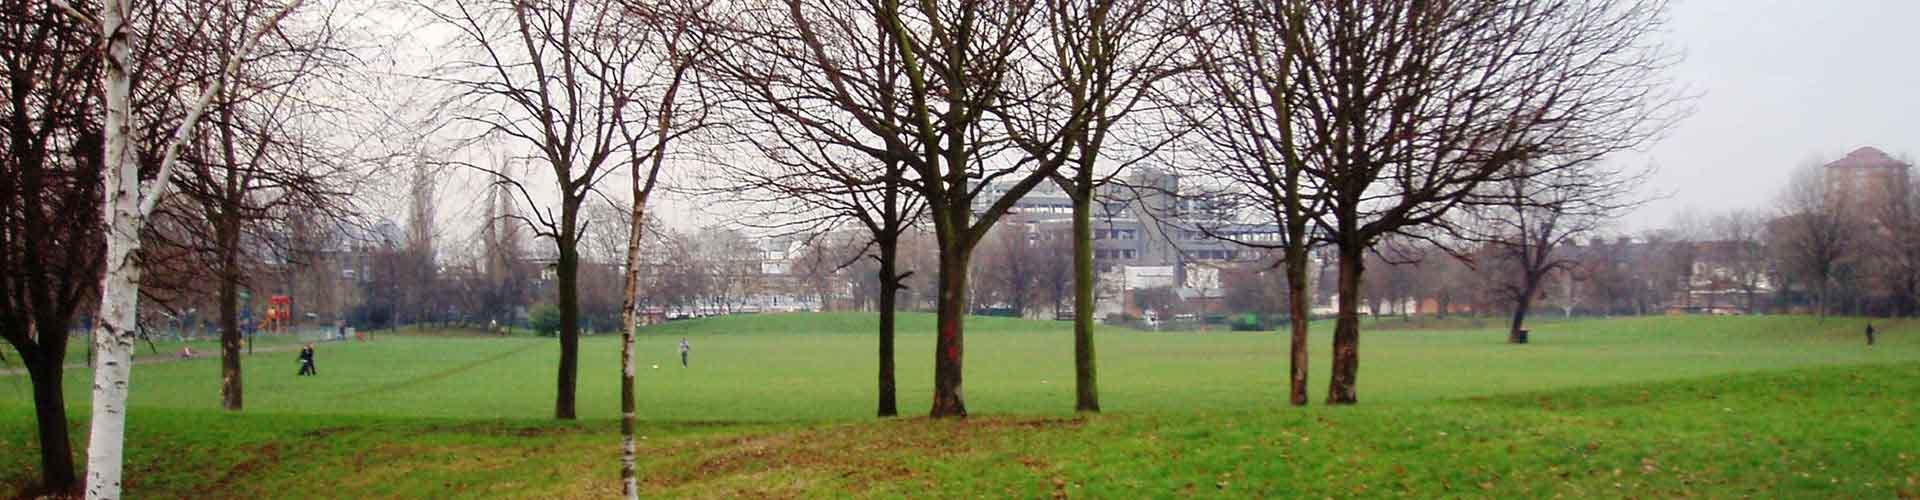 Londres - Hoteles baratos en el distrito Municipio de Lambeth. Mapas de Londres, Fotos y comentarios de cada Hotel barato en Londres.